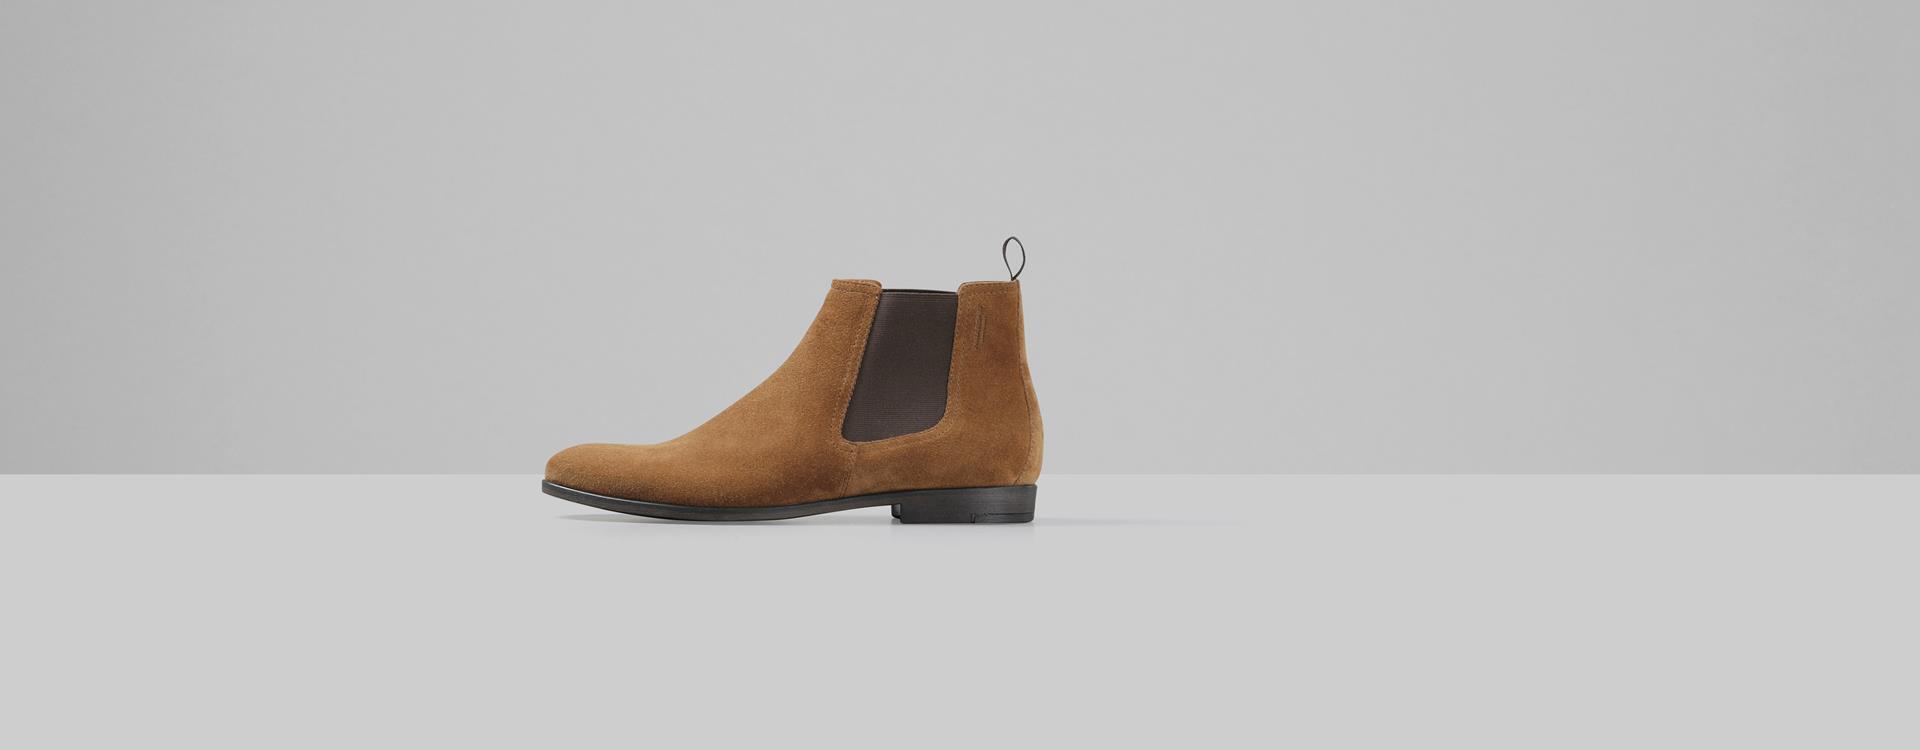 Linhope Støvletter Chelsea Boot